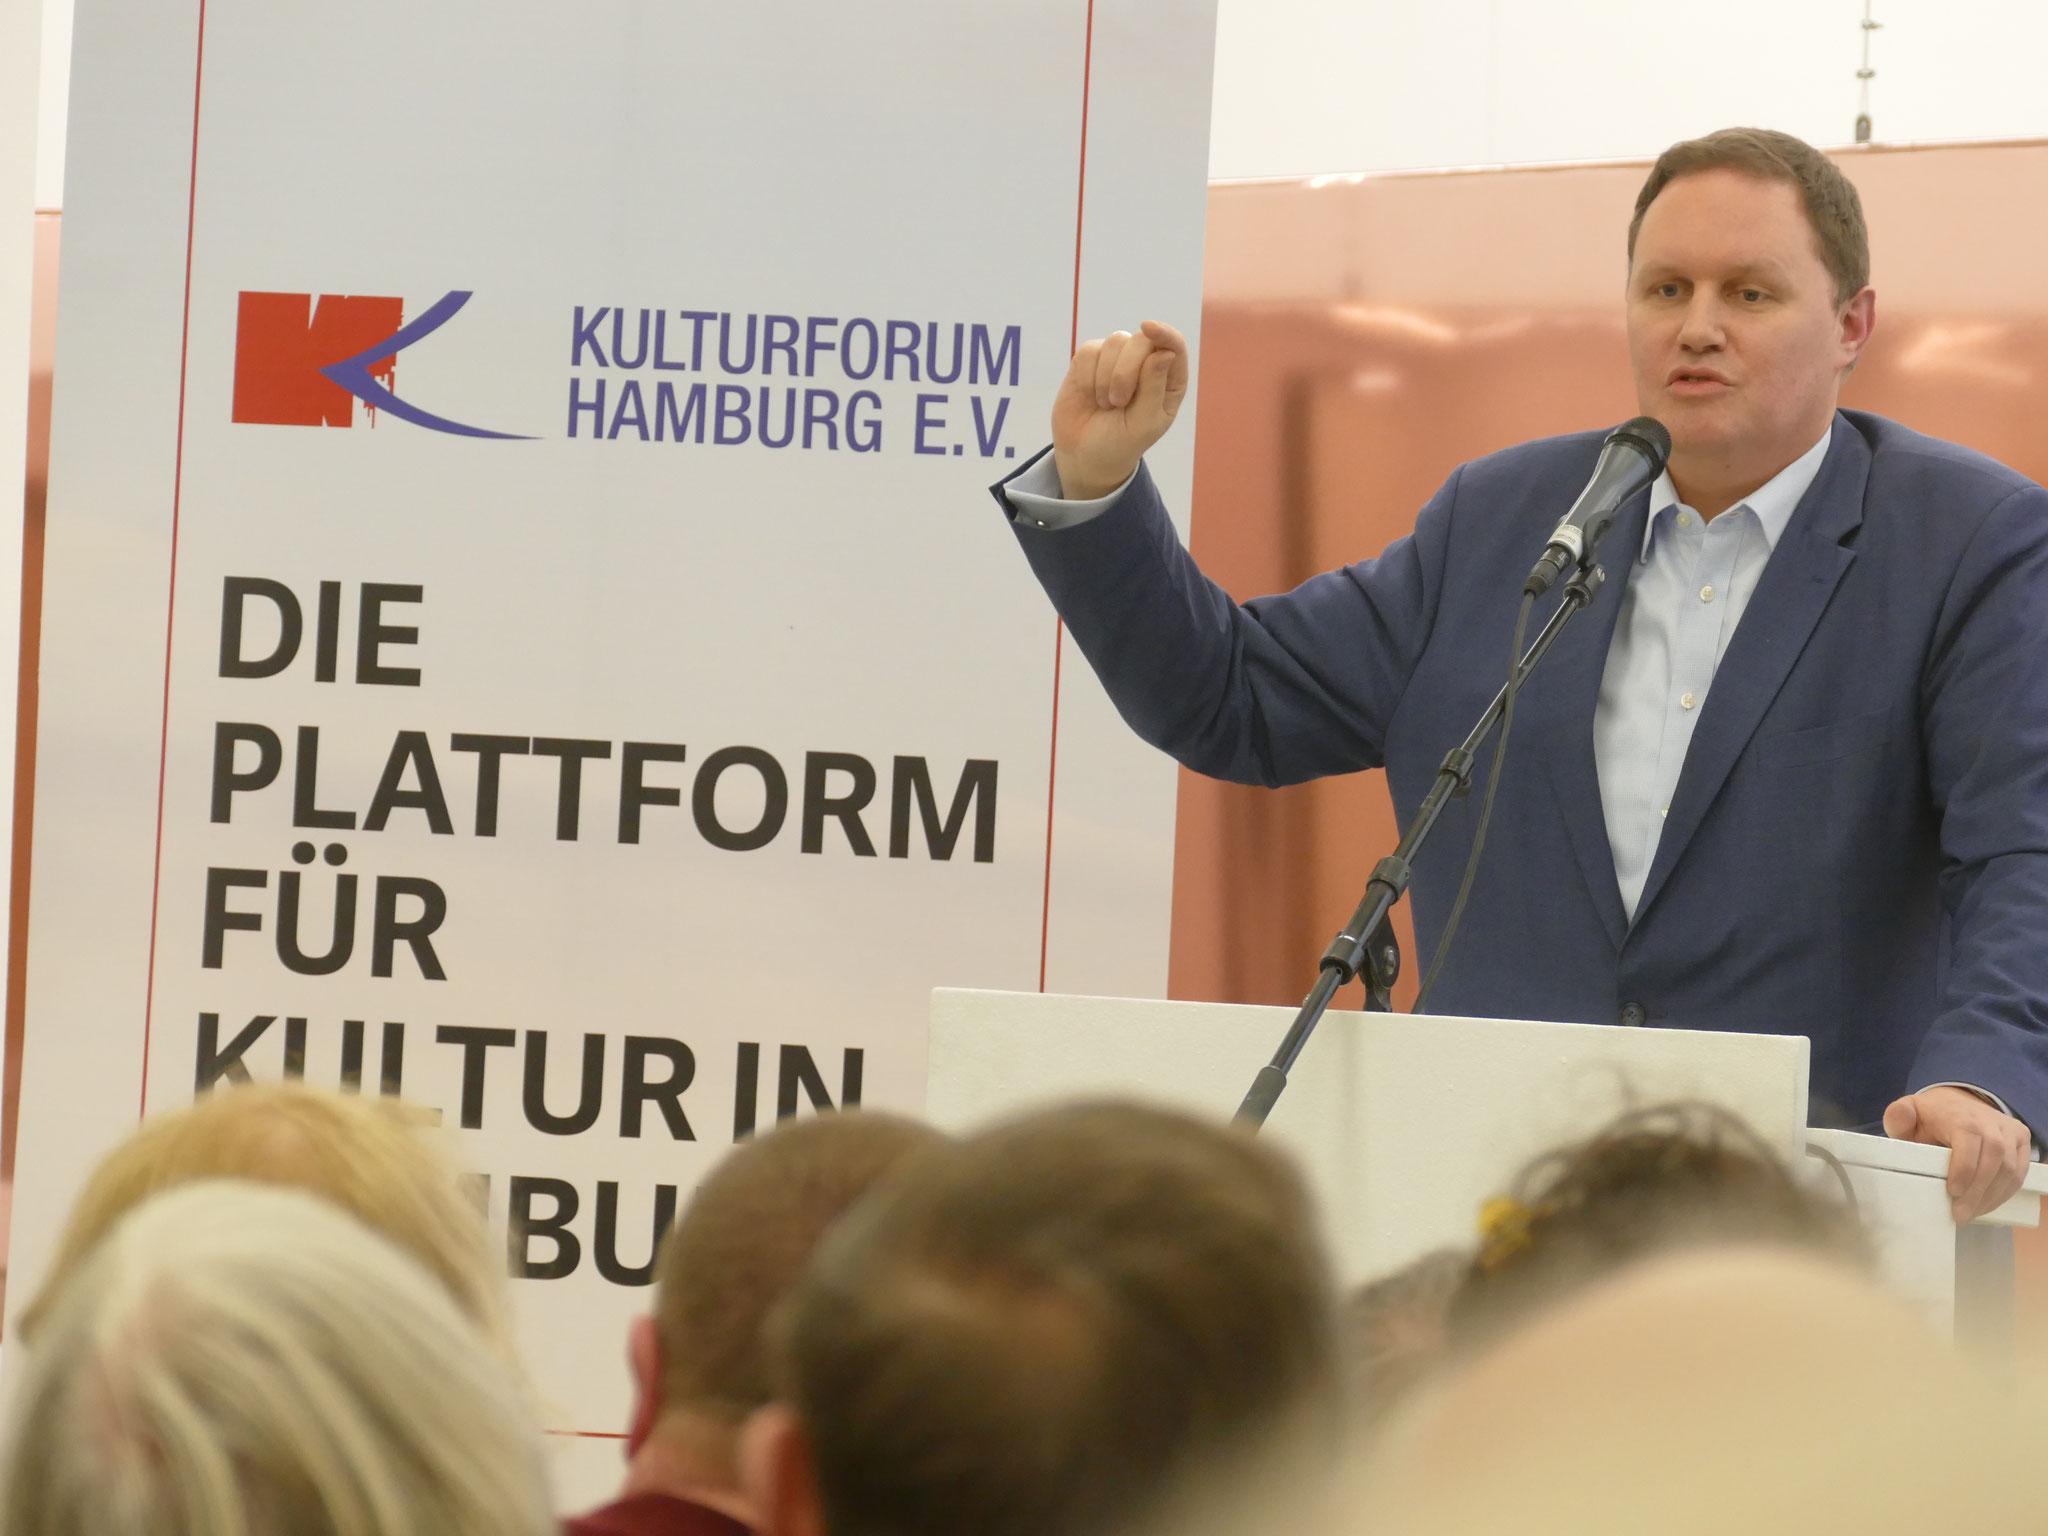 """Carsten Brosda spricht zum Thema 'Kuntsfreiheit'"""", 2019, Hamburger Kunstverein"""